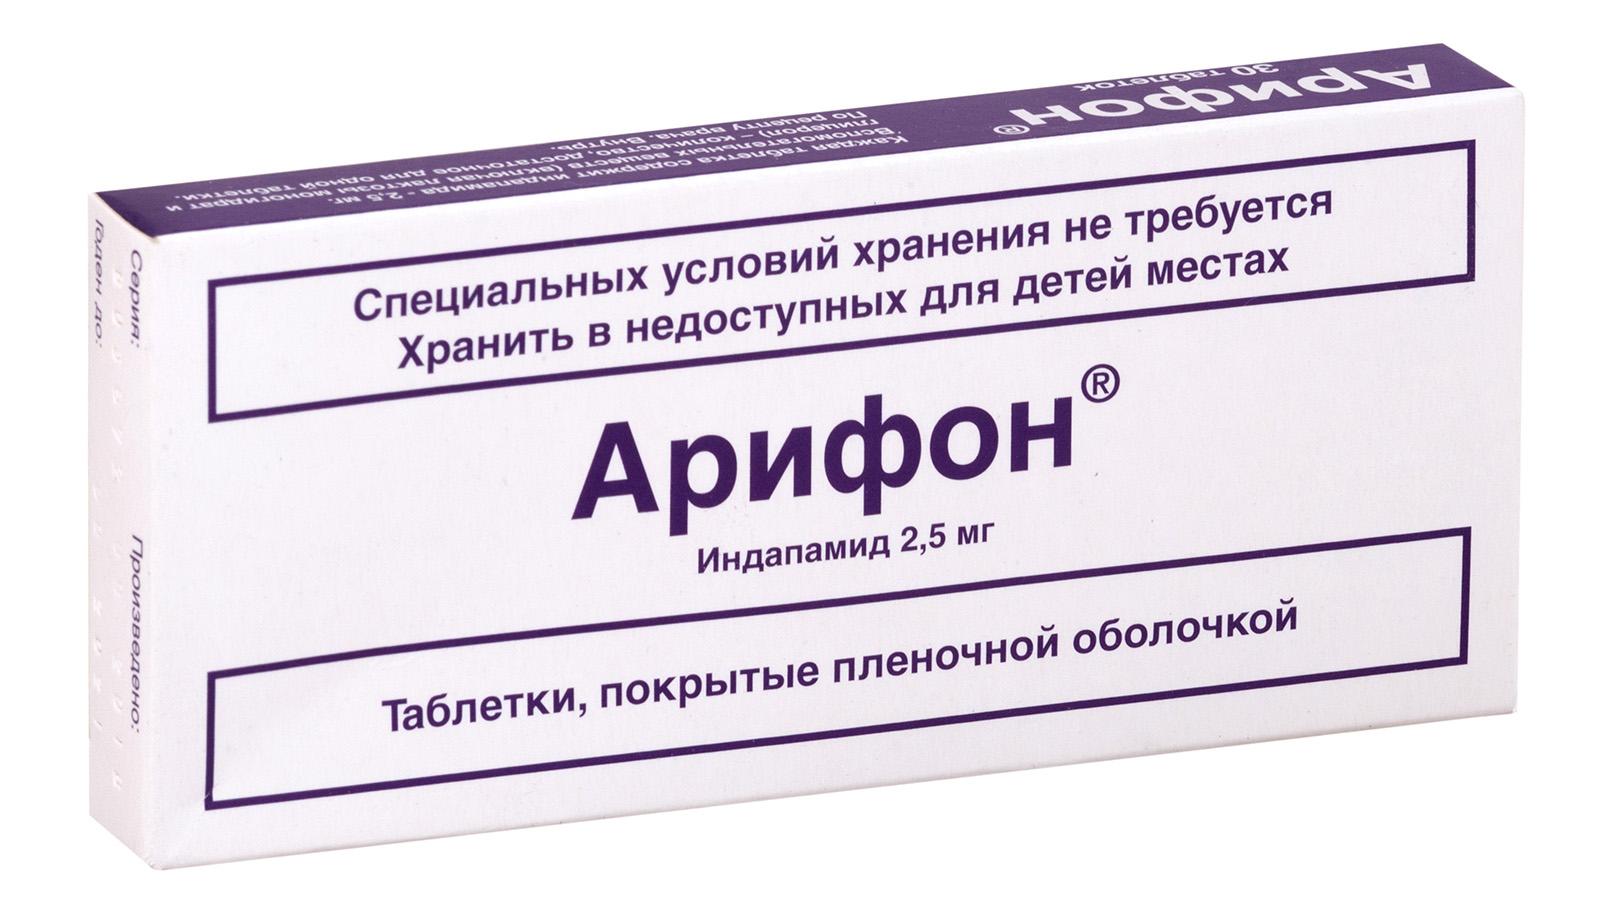 Арифон таб. п.п.о. 2,5мг n30